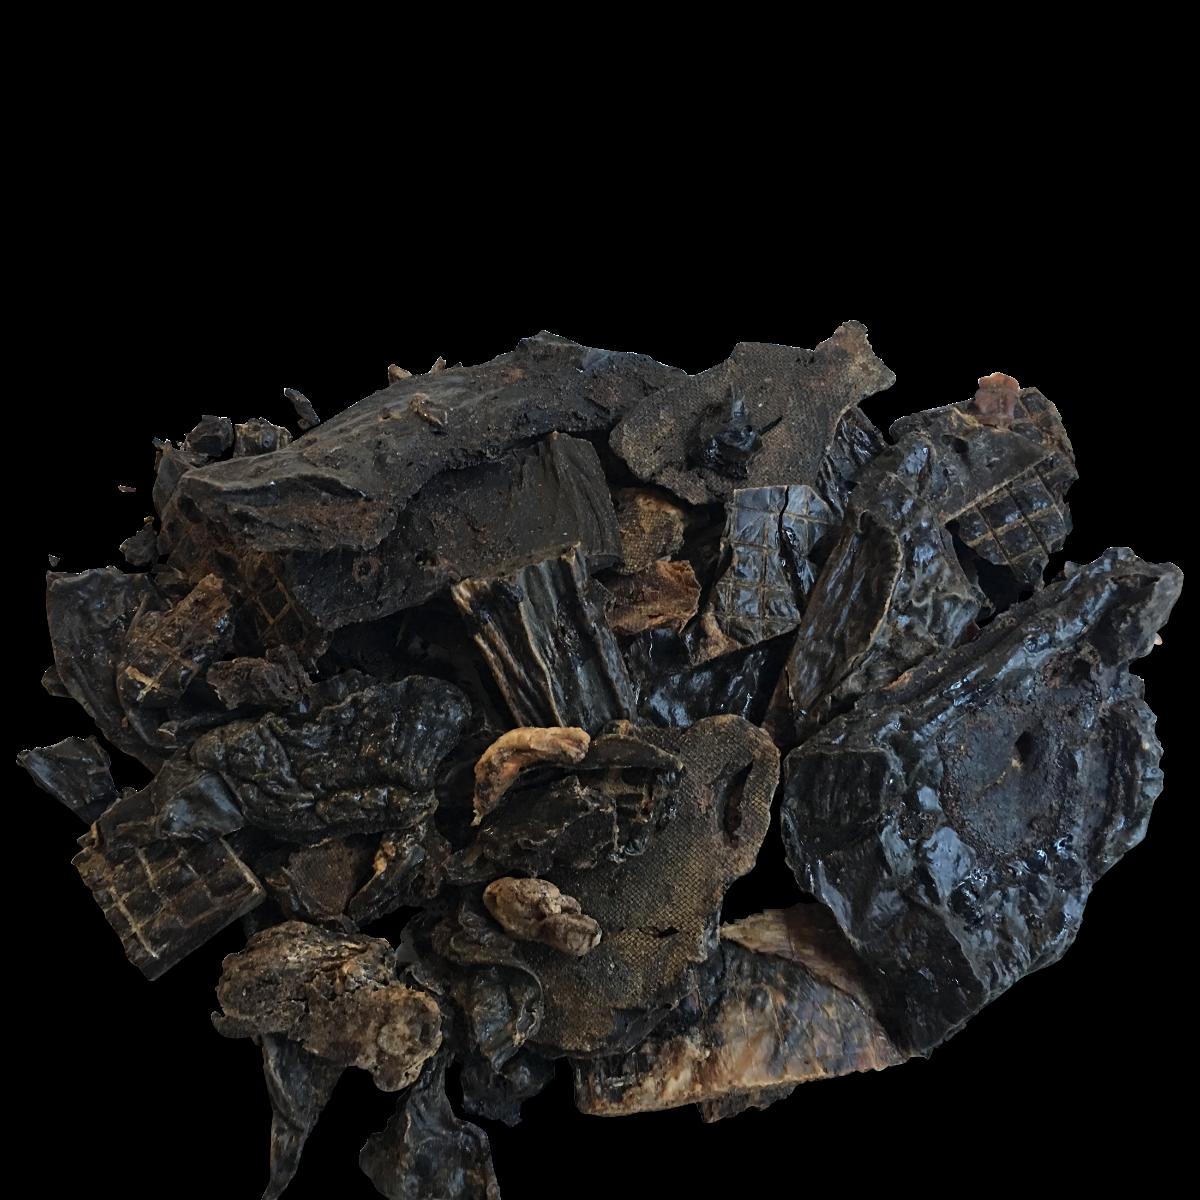 Gedroogde runderlever is een heerlijke snack voor uw hond! Deze stukken gedroogde lever zijn heel smakelijk en een bron van veel belangrijke voedingsstoffen, zoals vitamine A, vitamine B12, kalium, natrium, calcium, fosfor, ijzer en zink.  geen toevoegingen gedroogde runderlever 100% natuurlijk product. zak 750 gr.